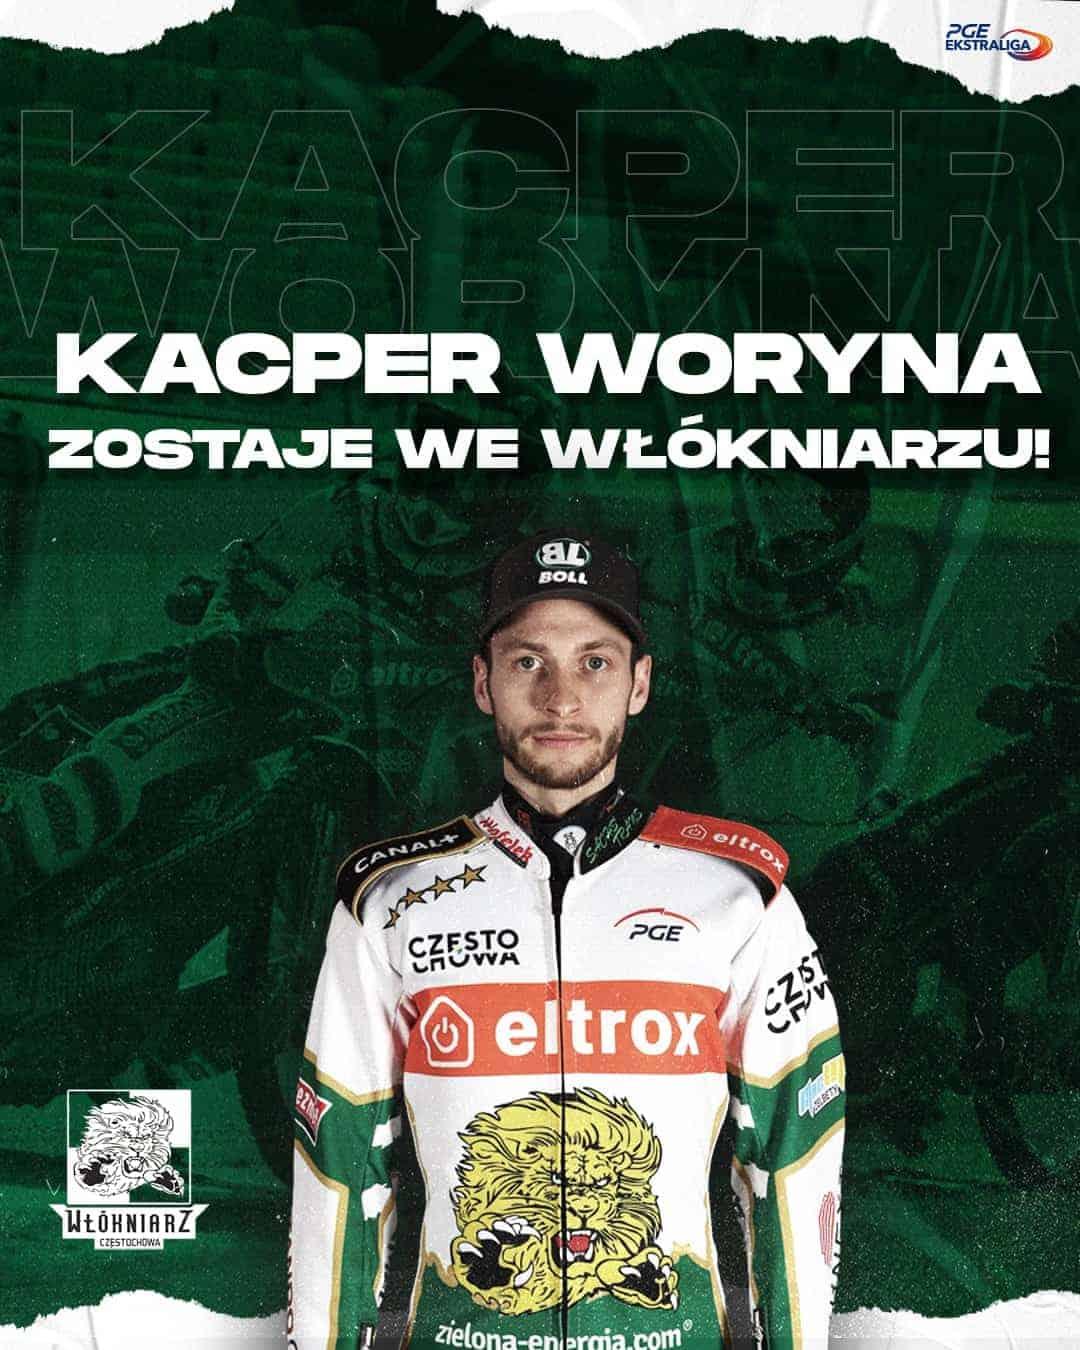 Kacper Woryna